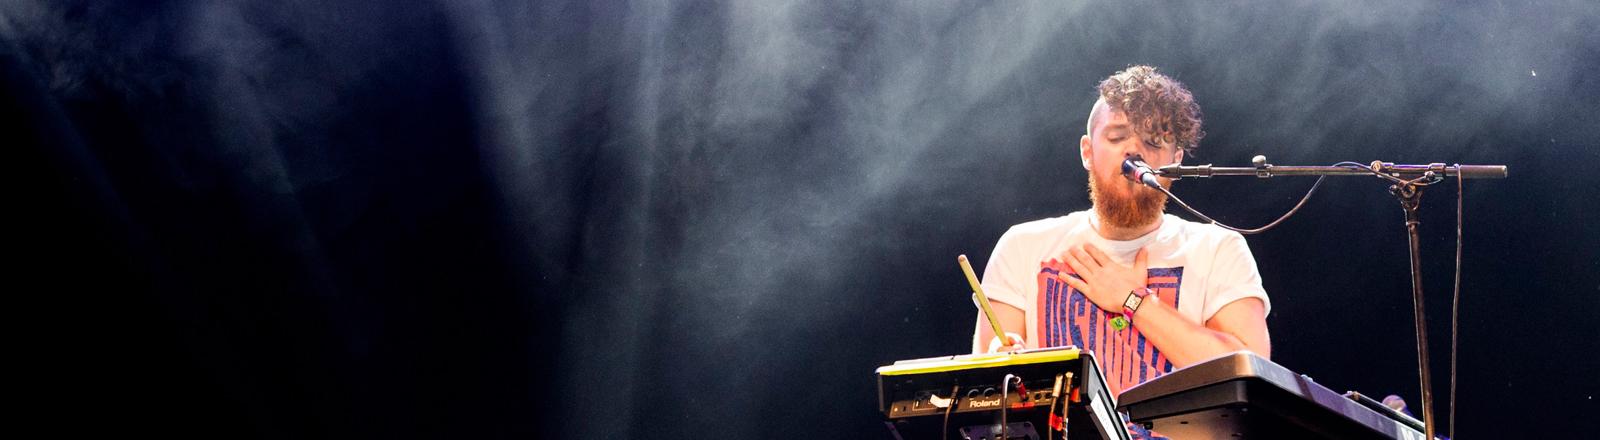 Jack Garratt bei einem Auftritt am 26.06.2015.